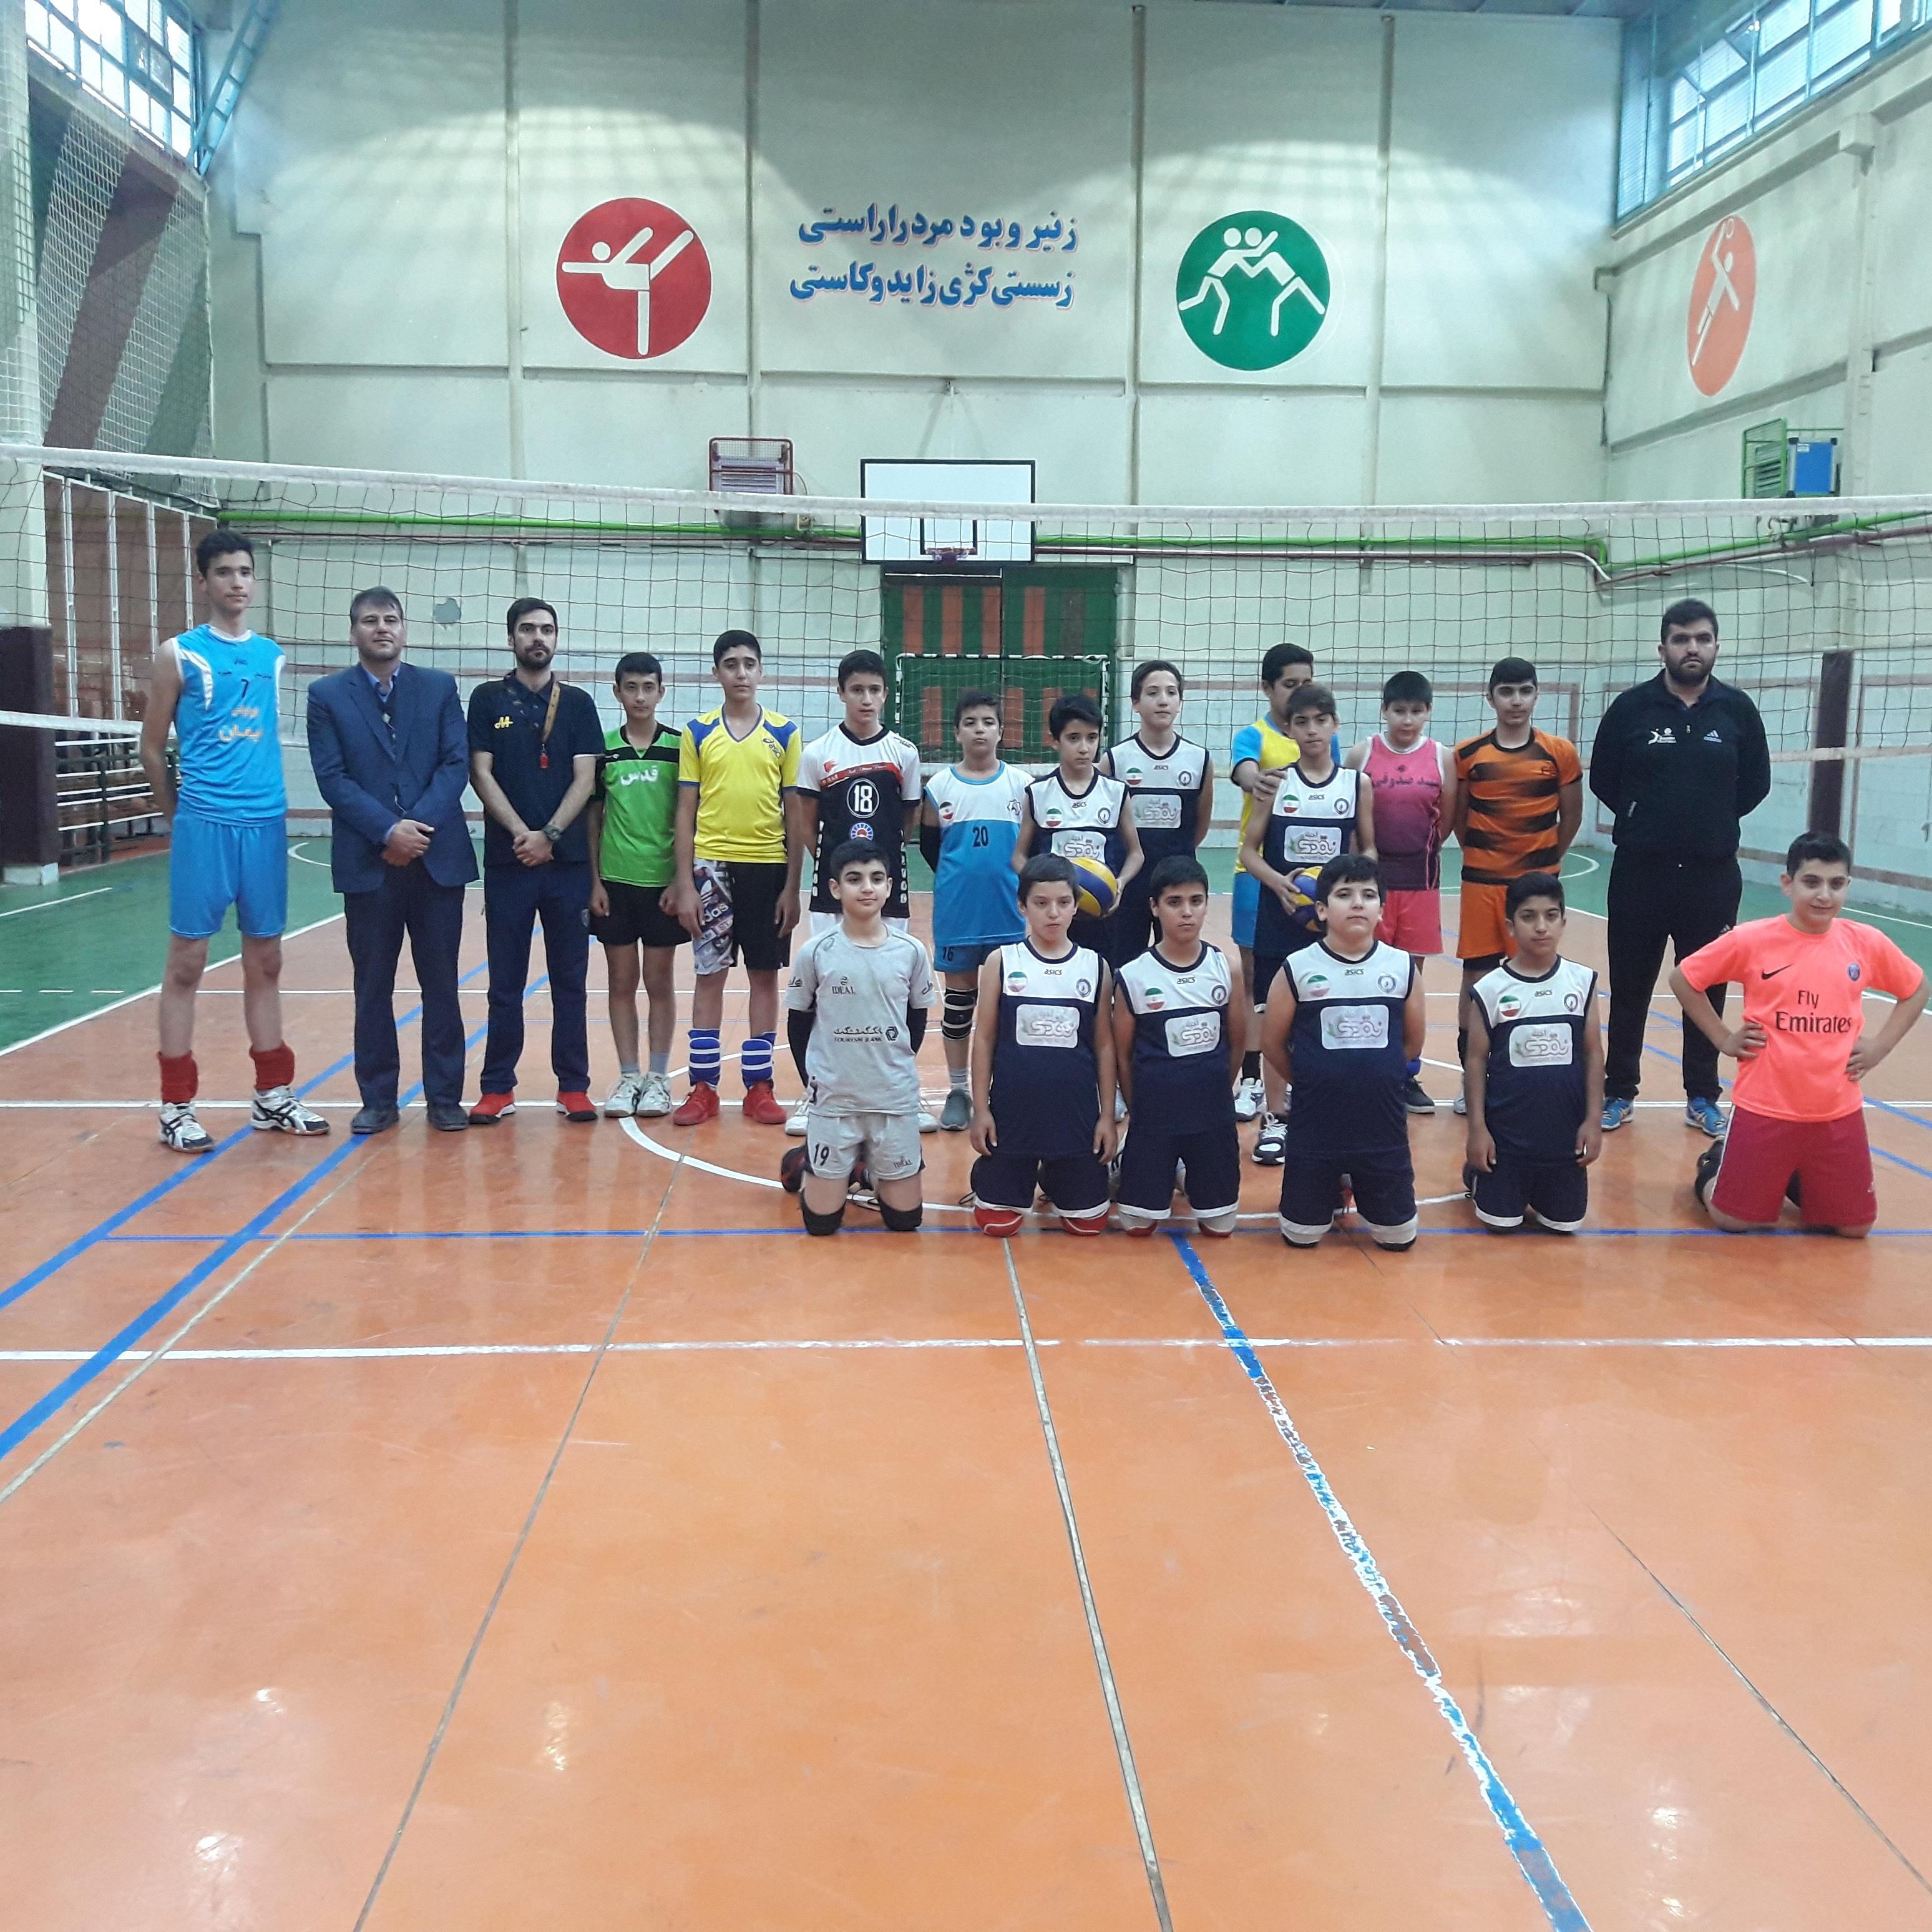 حضور بازیکنان باشگاه تخصصی والیبال ثامن در تست  و مسابقات قهرمان کشوری رده سنی مینی والیبال به میزبانی استان مازندران